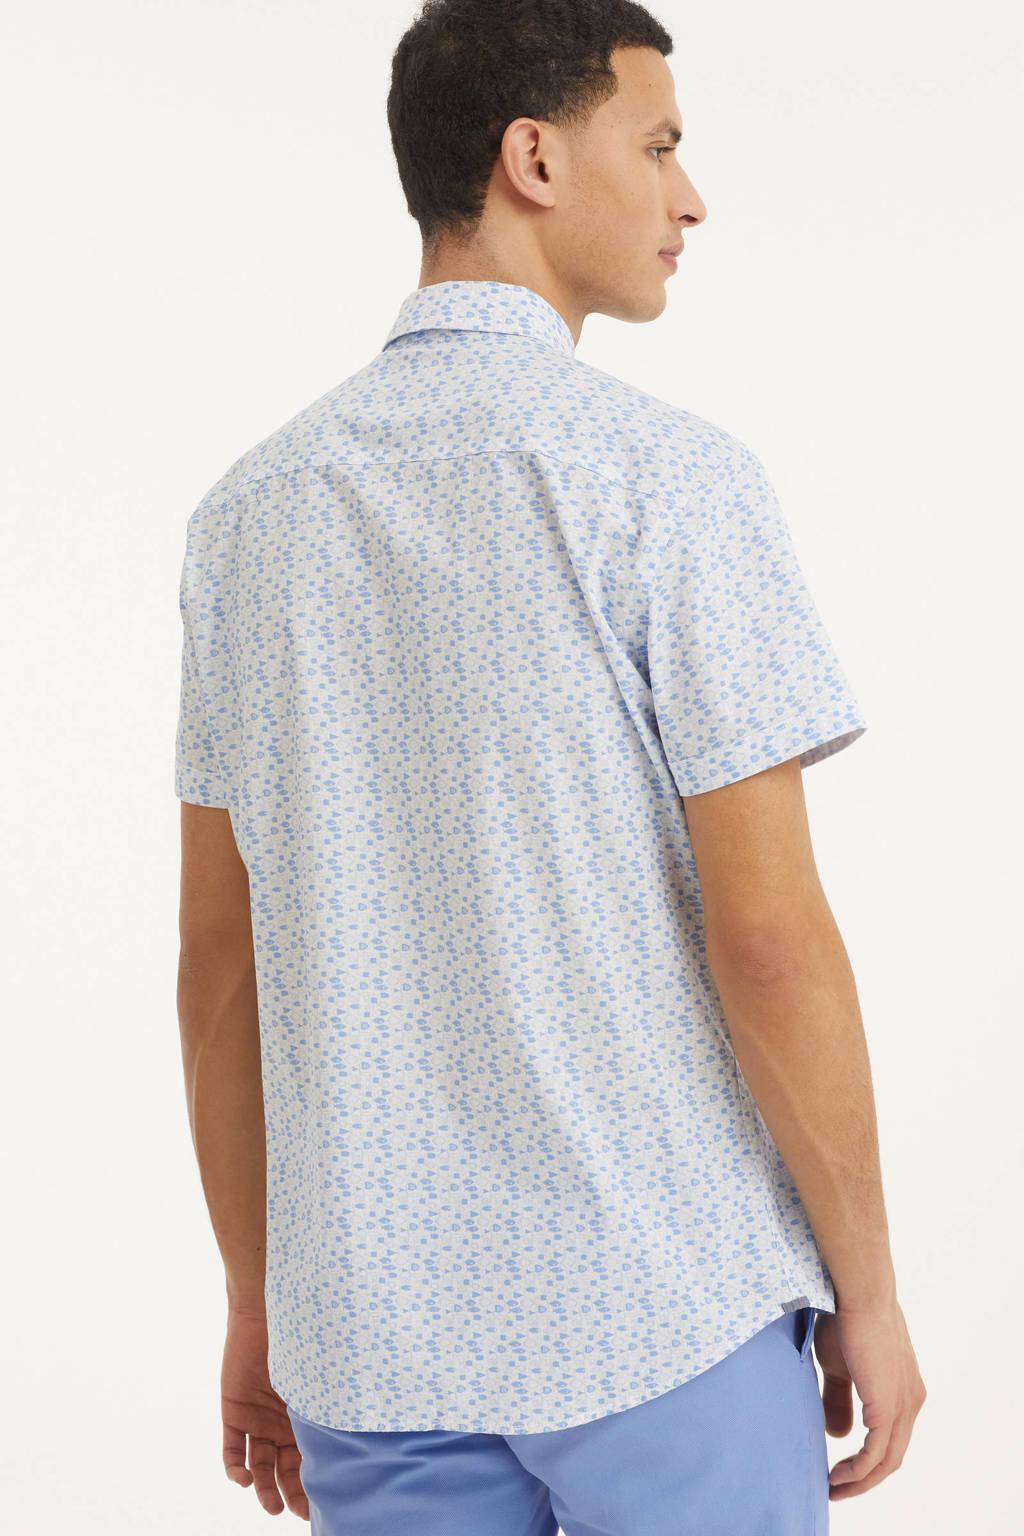 Twinlife regular fit overhemd met all over print lichtblauw/wit, Lichtblauw/wit